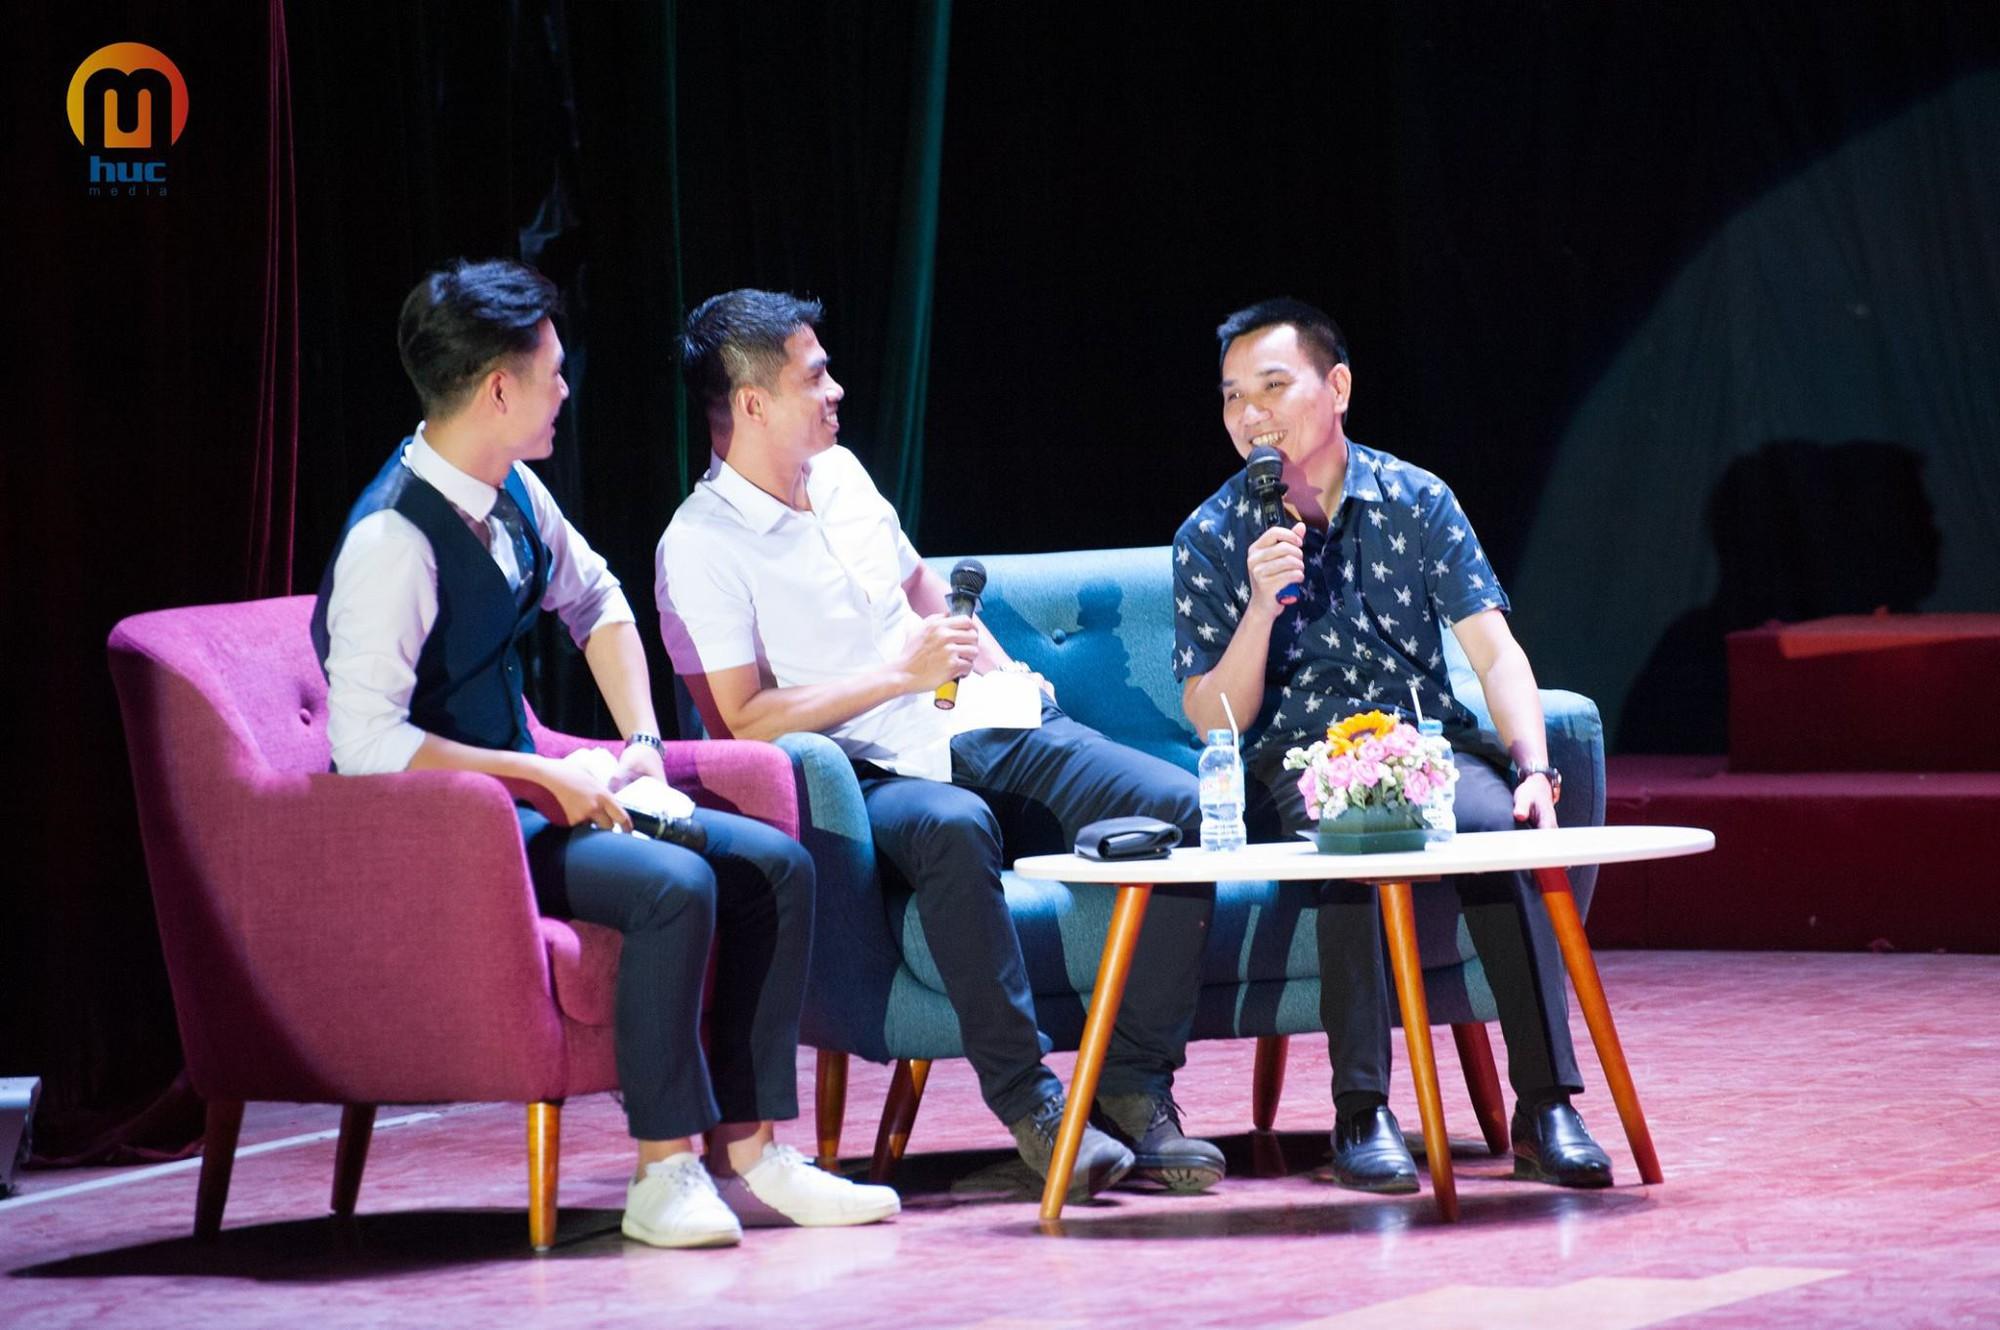 Nhà văn Nguyễn Hoàng Hải nói về kỹ năng của người trẻ: Học nhiều thứ cao siêu nên ra ngoài không nắm được những thứ tối thiểu - Ảnh 1.